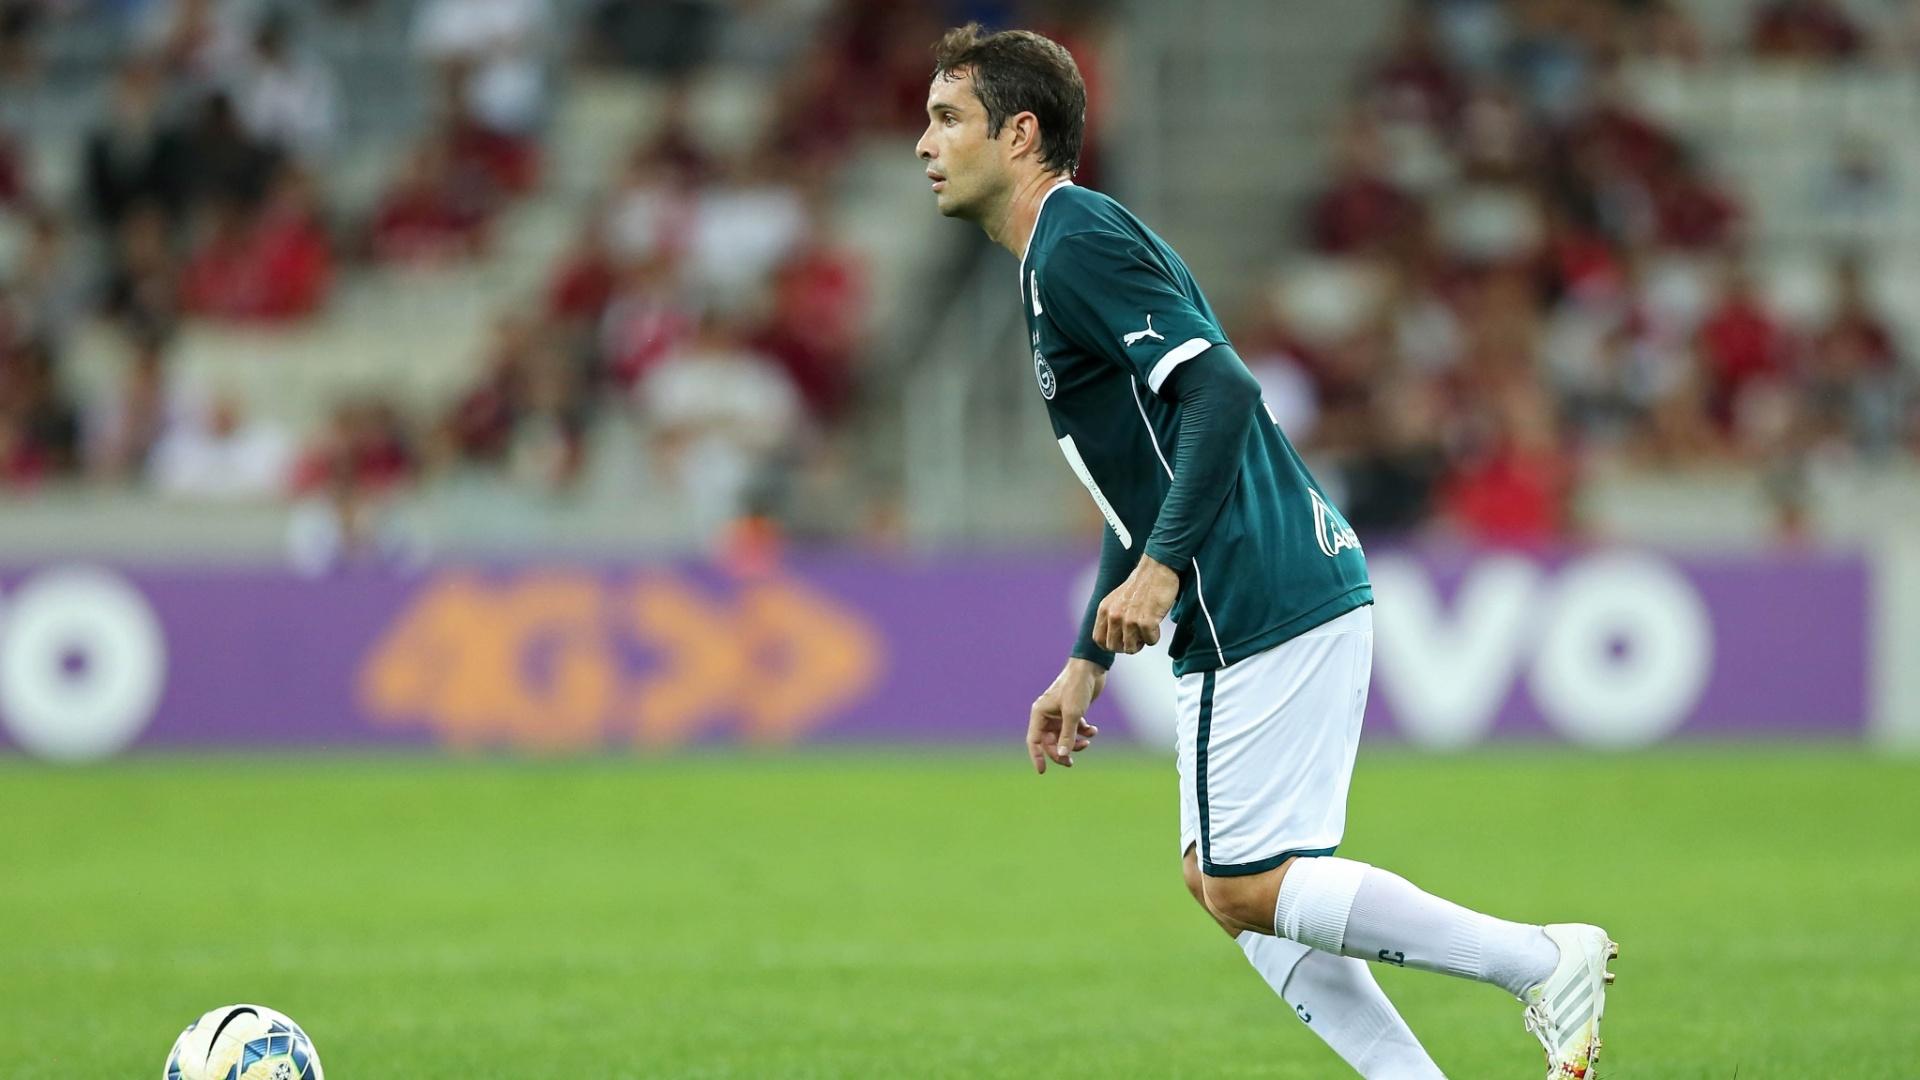 David observa movimentação em campo na partida do Goiás contra o Atlético-PR